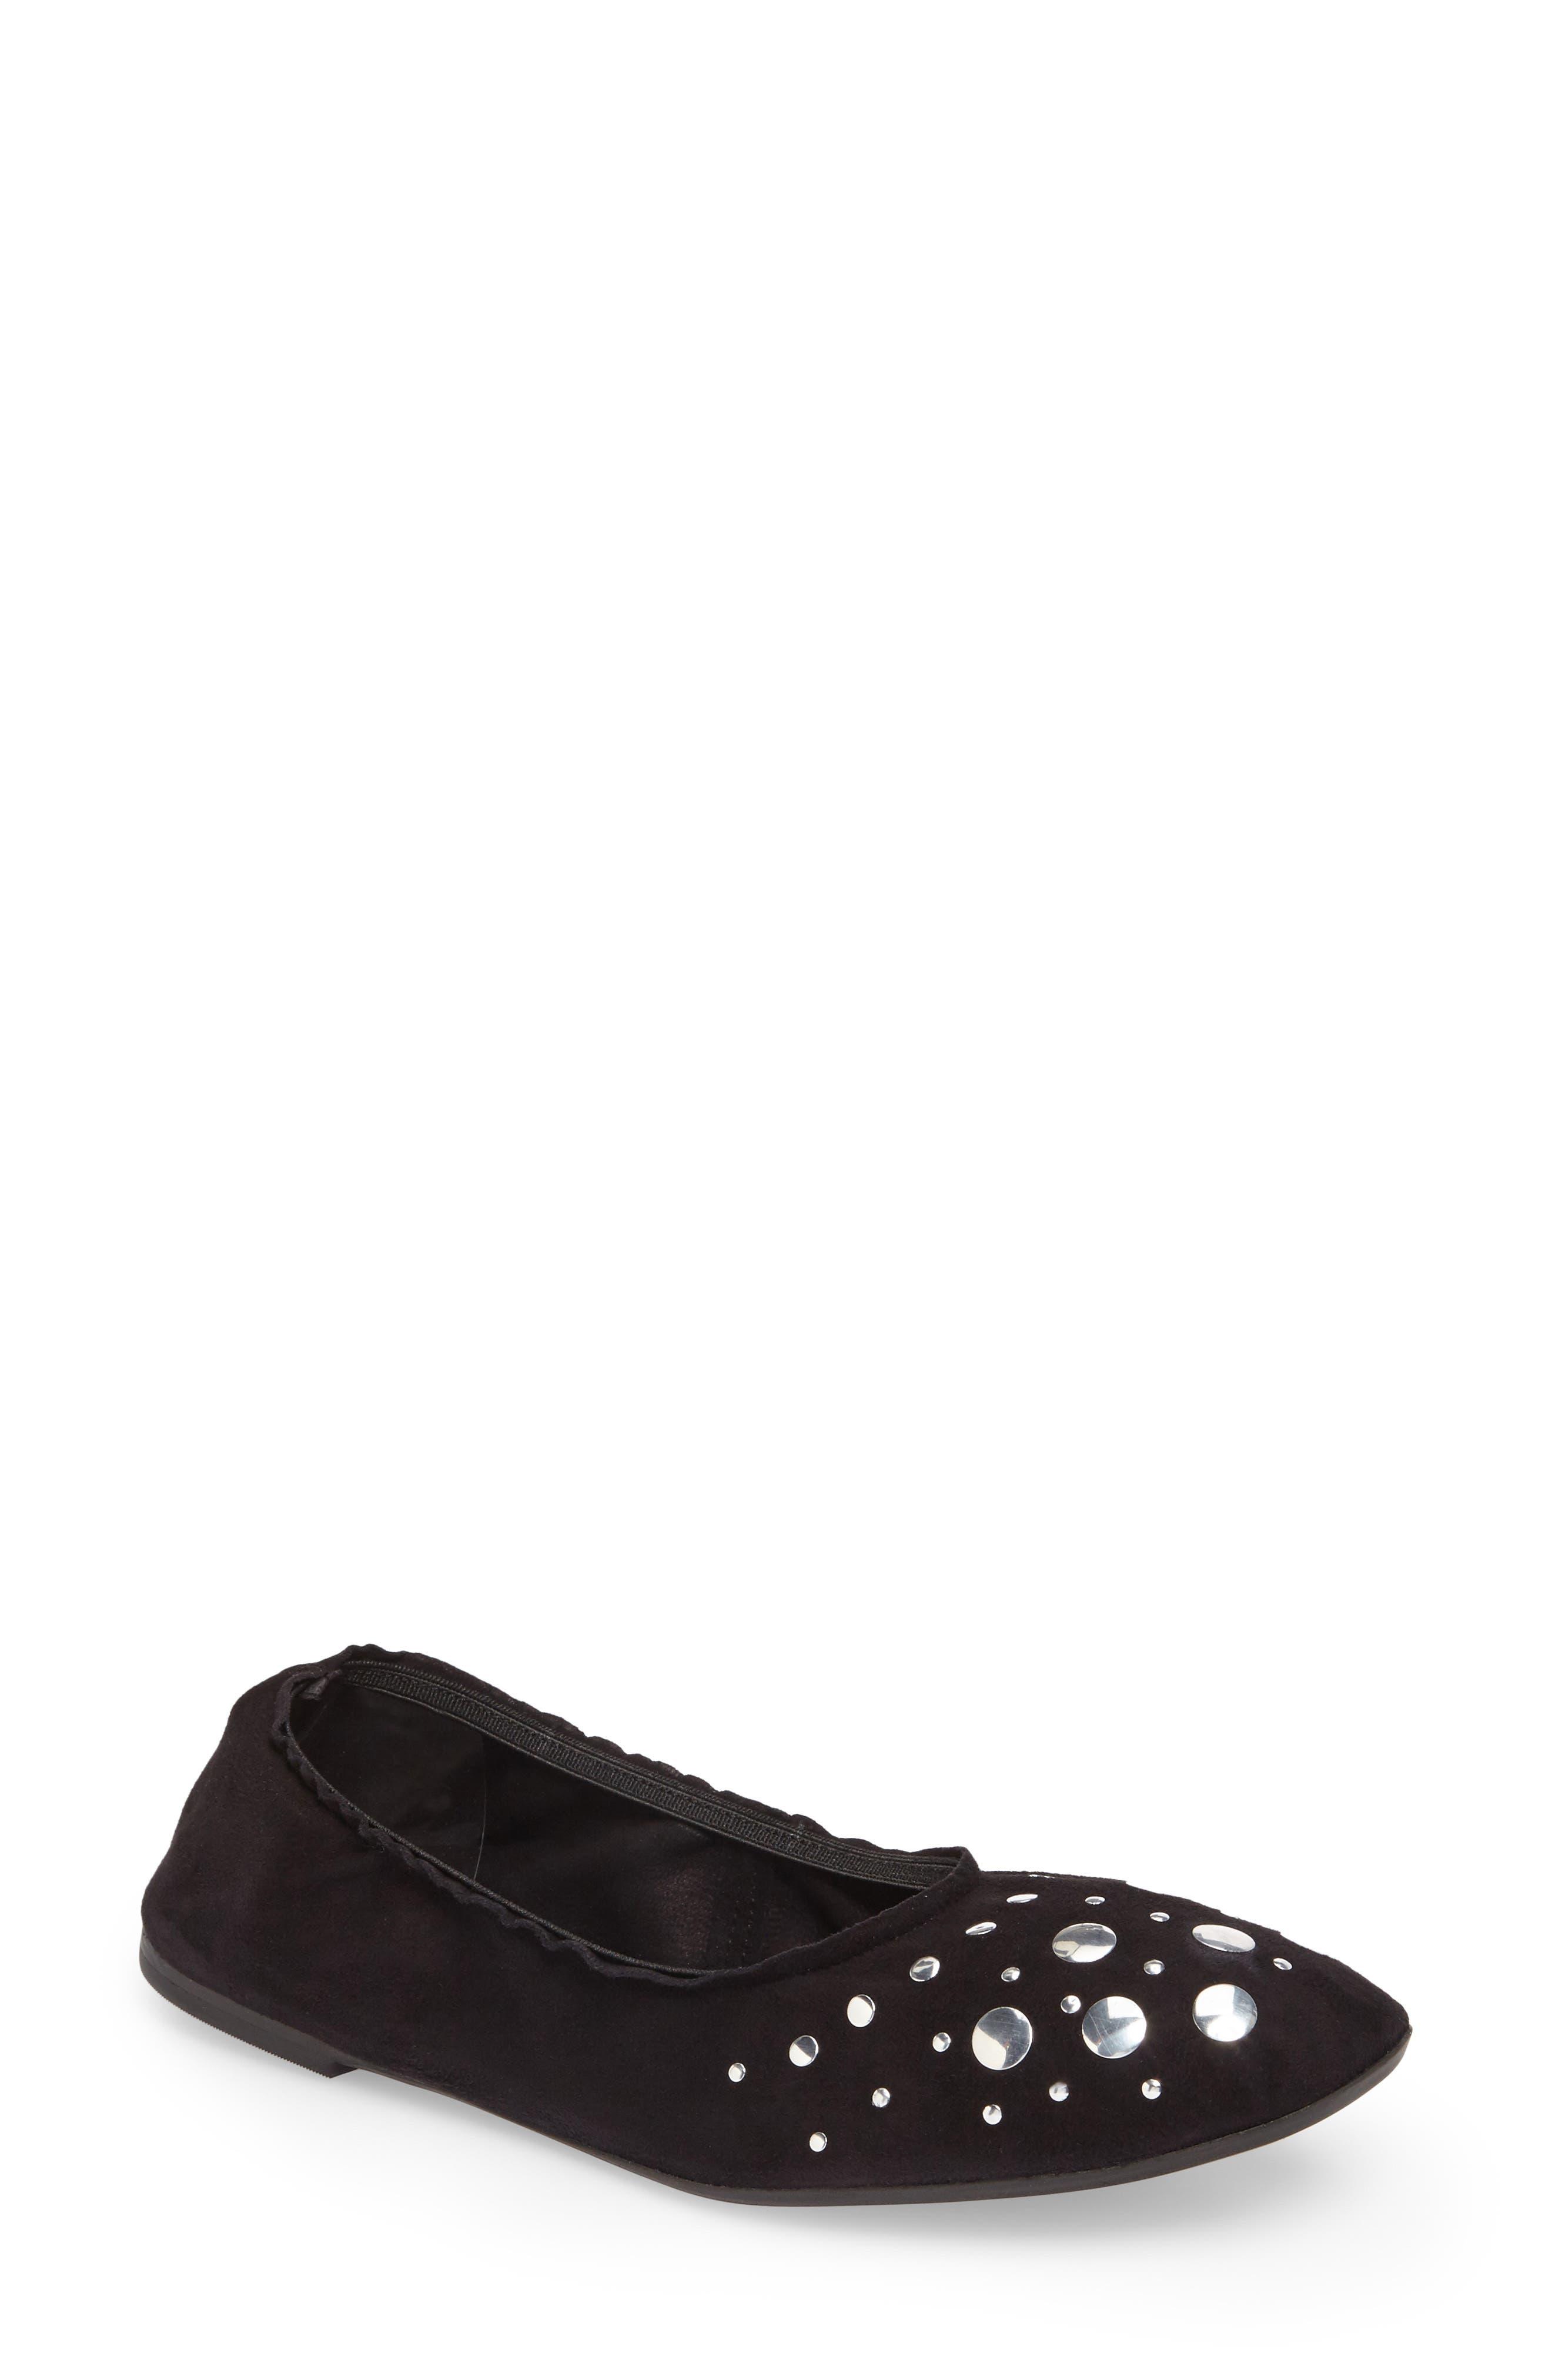 Jacob Ballet Flat,                         Main,                         color, Black Leather